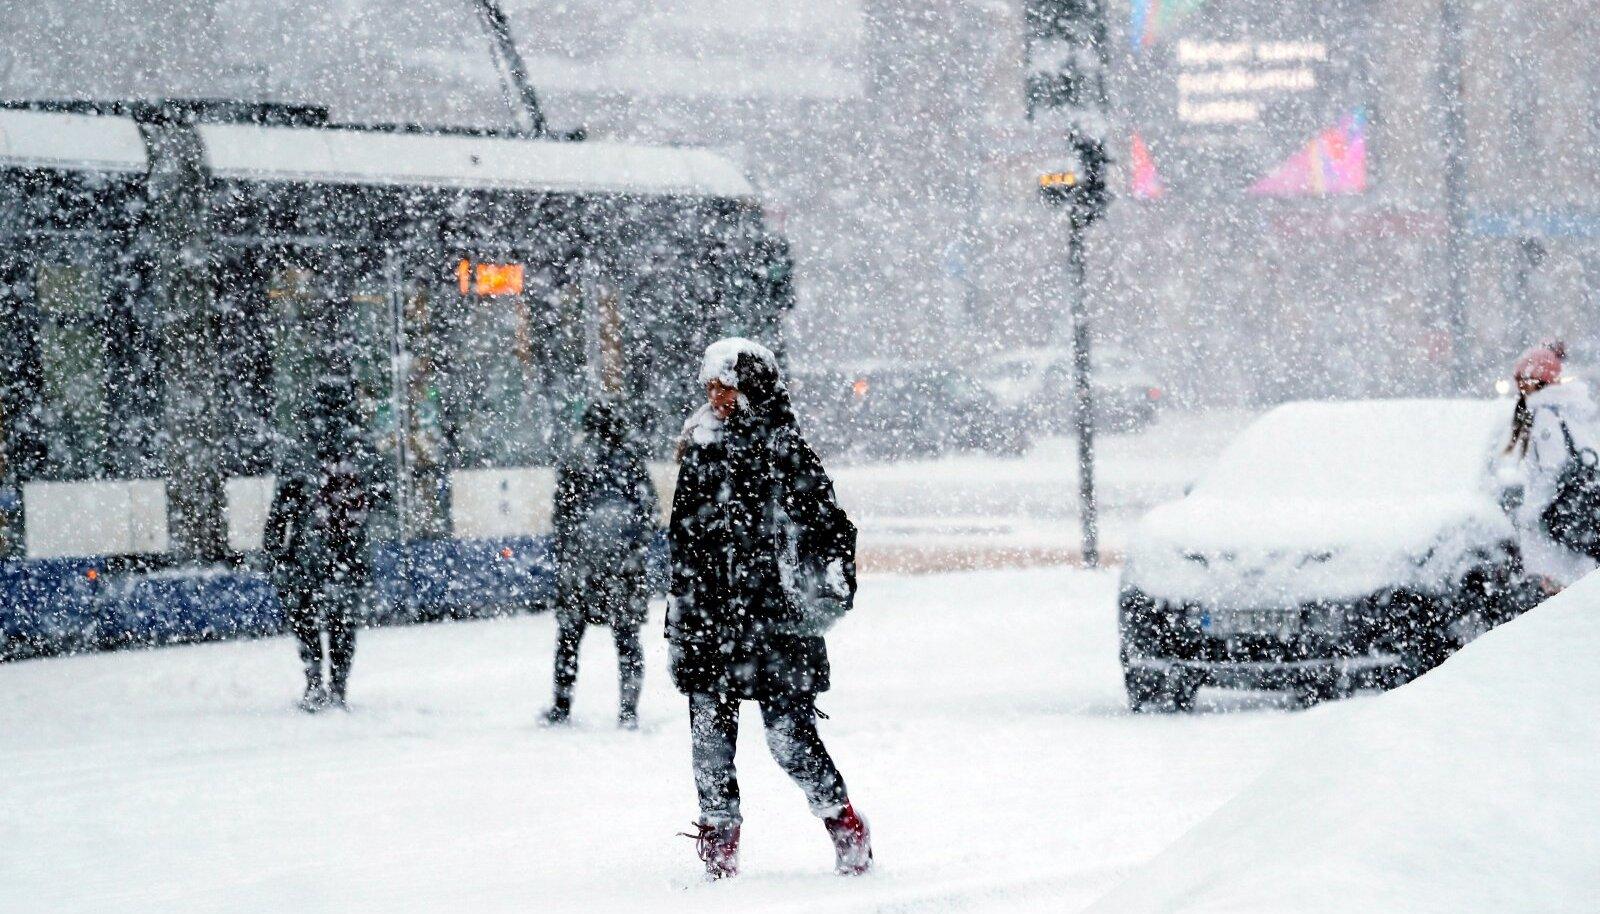 Tänavuste lumetormide ajal jäi Riia linn tänavate puhastamisega hätta, sest Koosmeele-aegsed plaanid ei näinud lund ette.